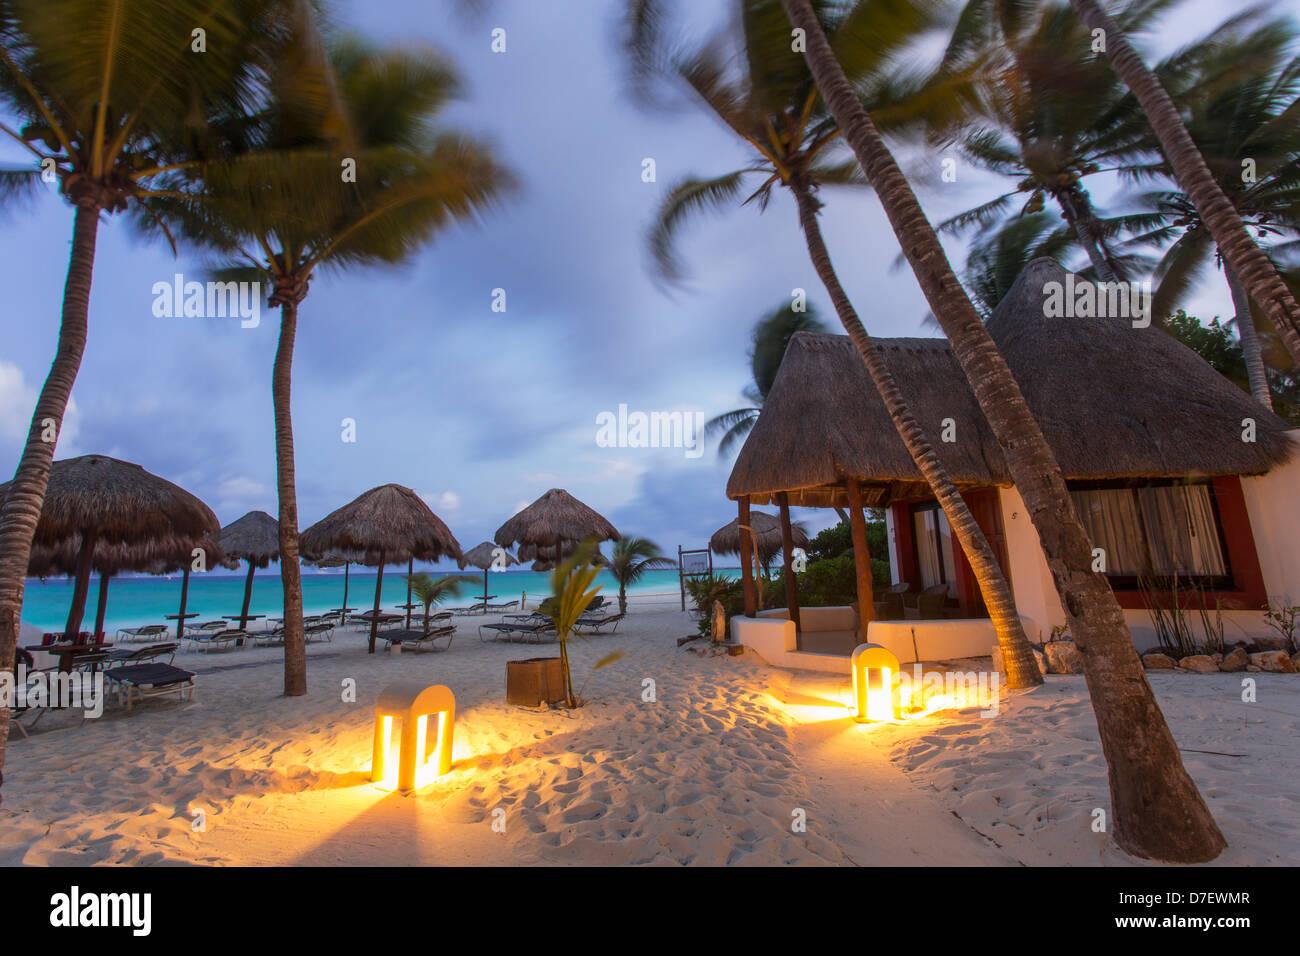 Stile cabana alloggio sulla spiaggia circondata da palme all'alba Immagini Stock